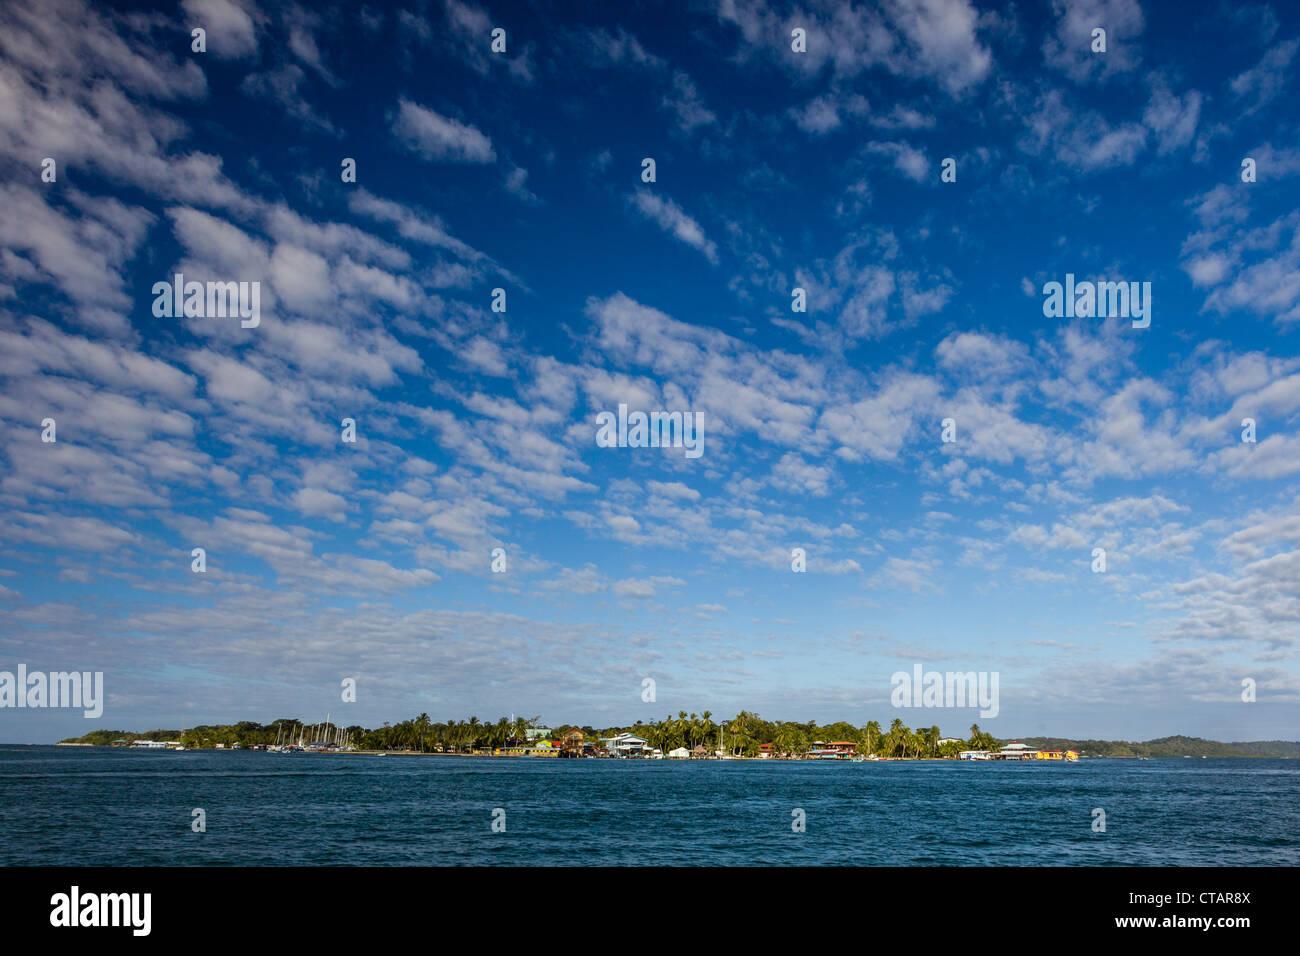 Vista di Isla Carenero da Isla Colon, Bocas del Toro, Panama. Immagini Stock